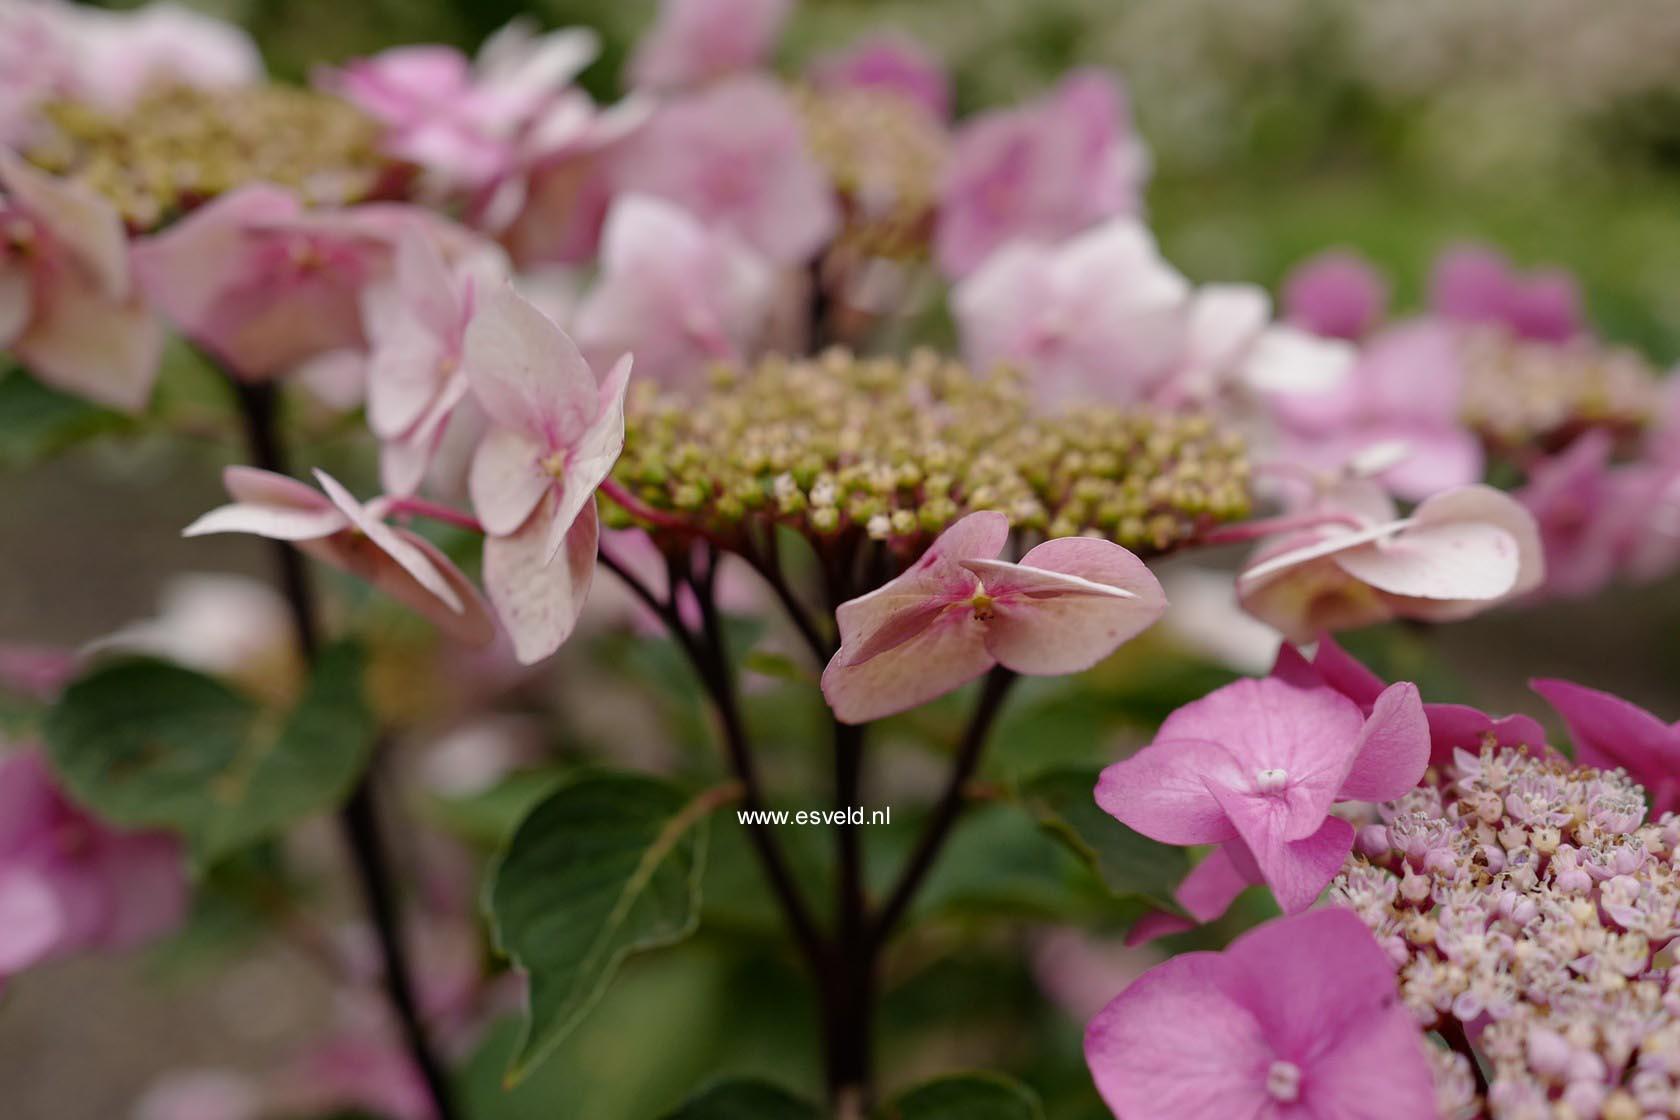 Hydrangea macrophylla 'Zorro'